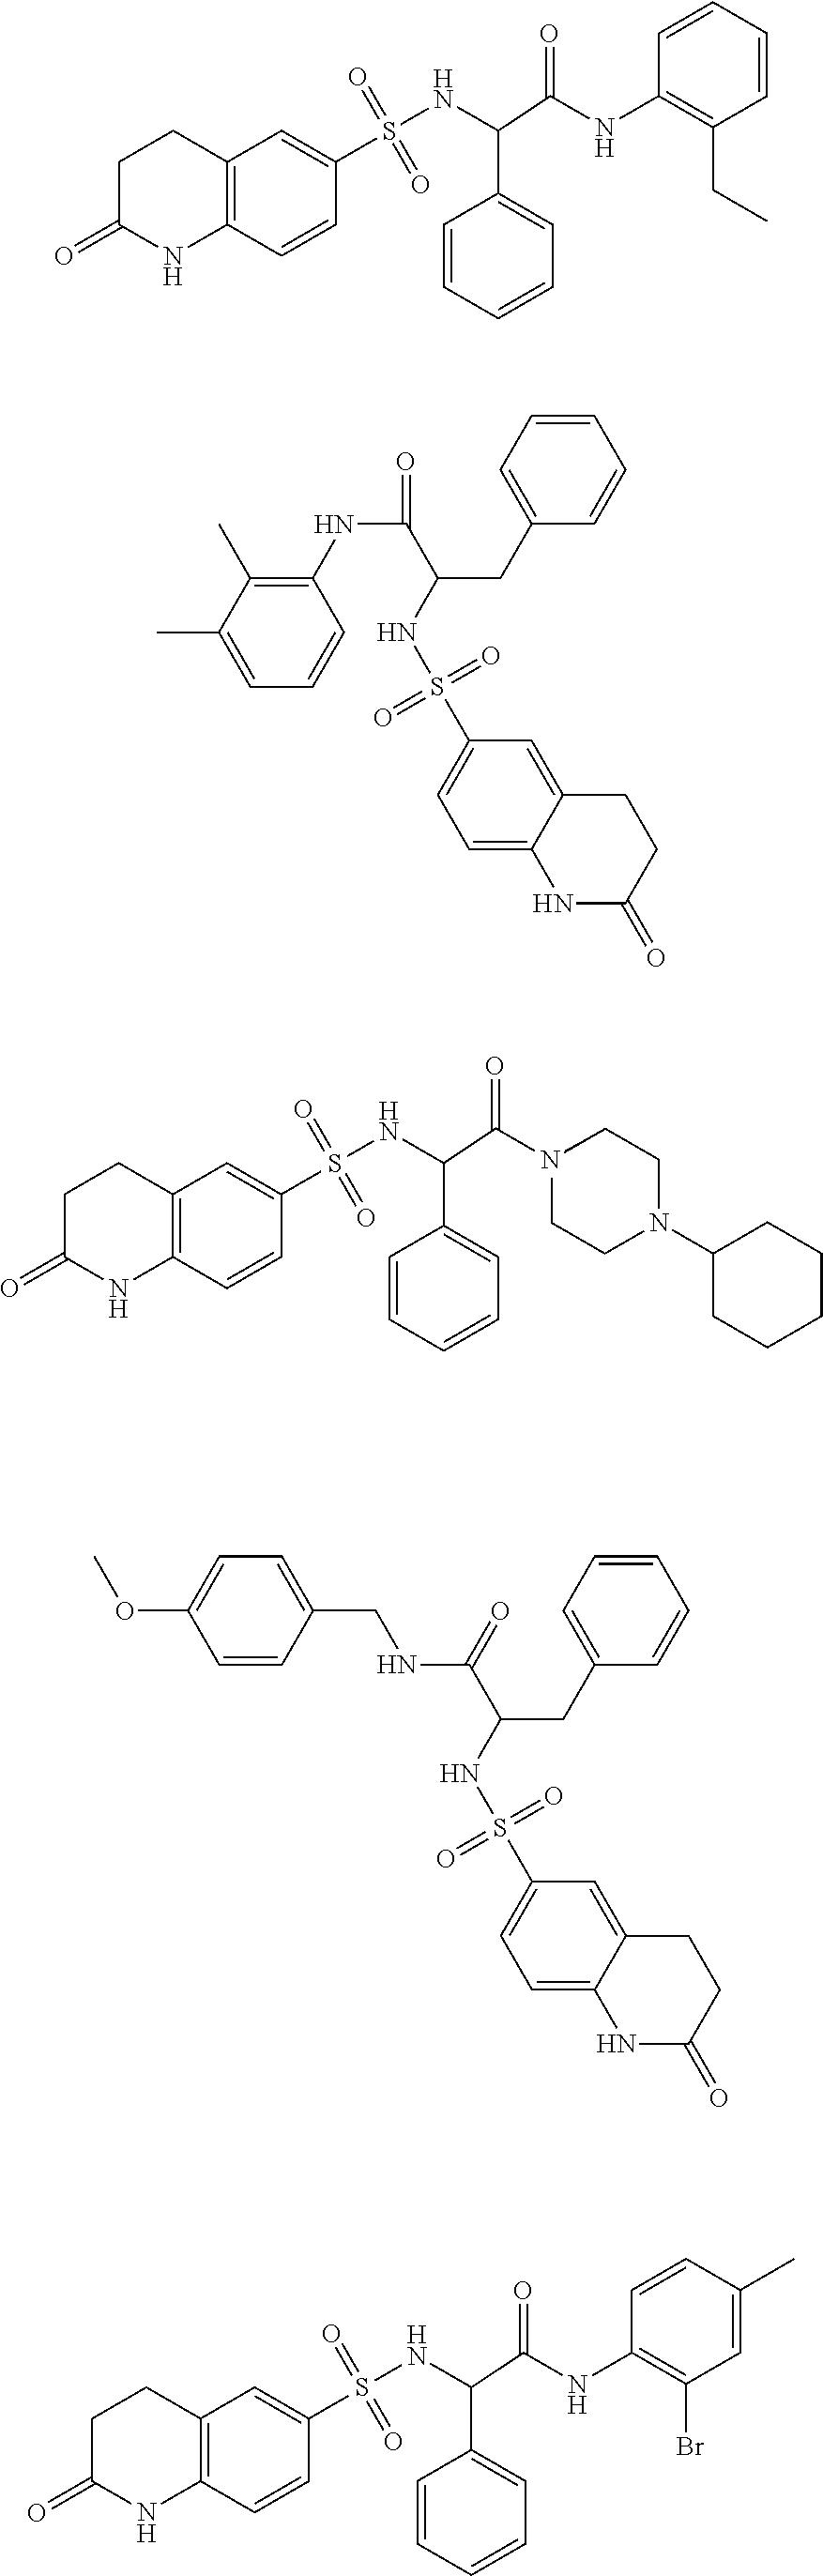 Figure US08957075-20150217-C00021